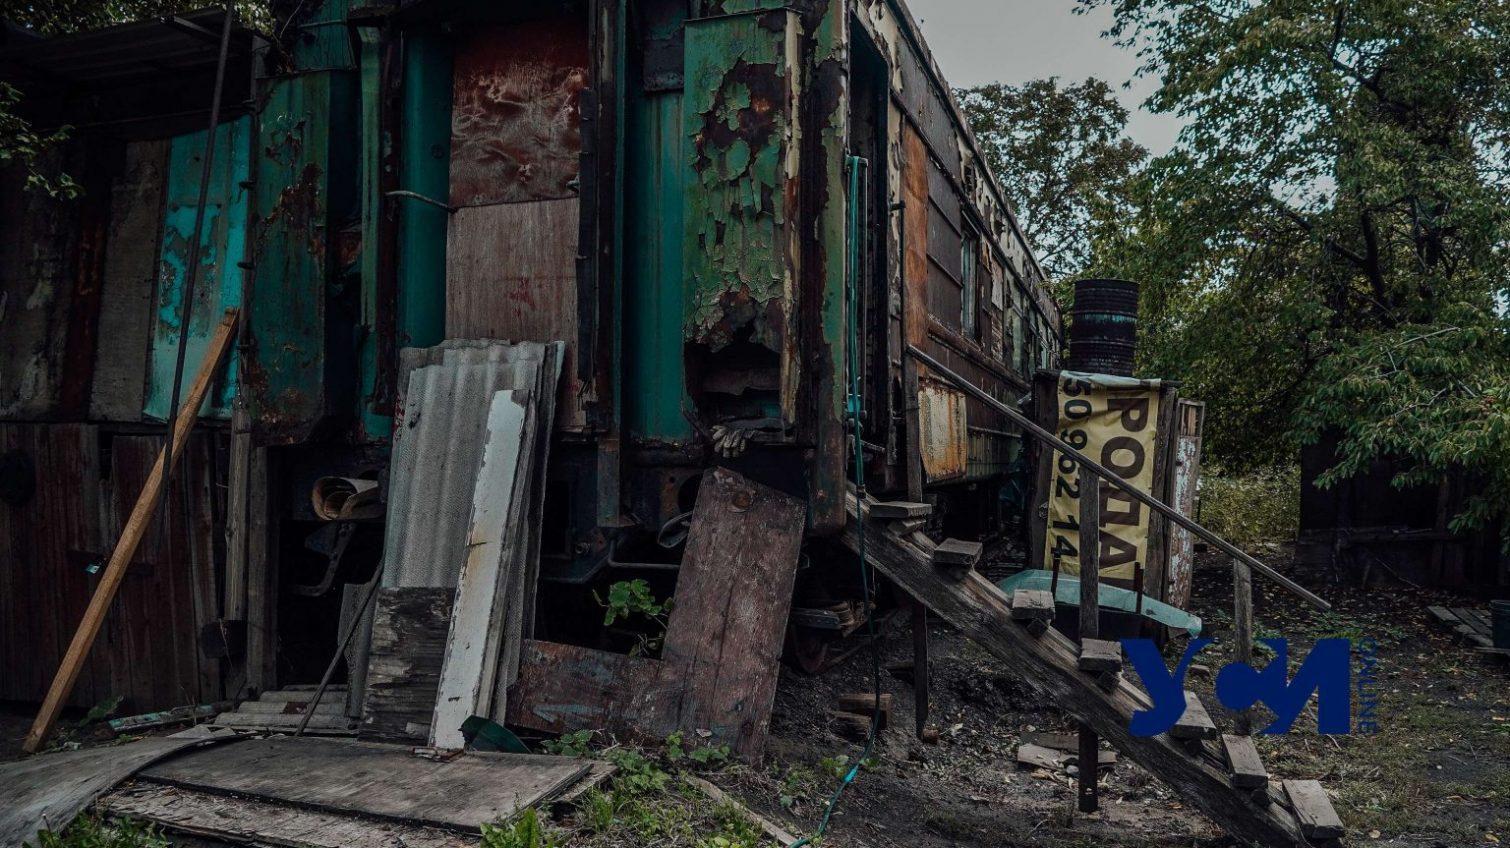 Ужасные условия: представители Офиса омбудсмена посетили «железнодорожное гетто» под Одессой (фото) «фото»